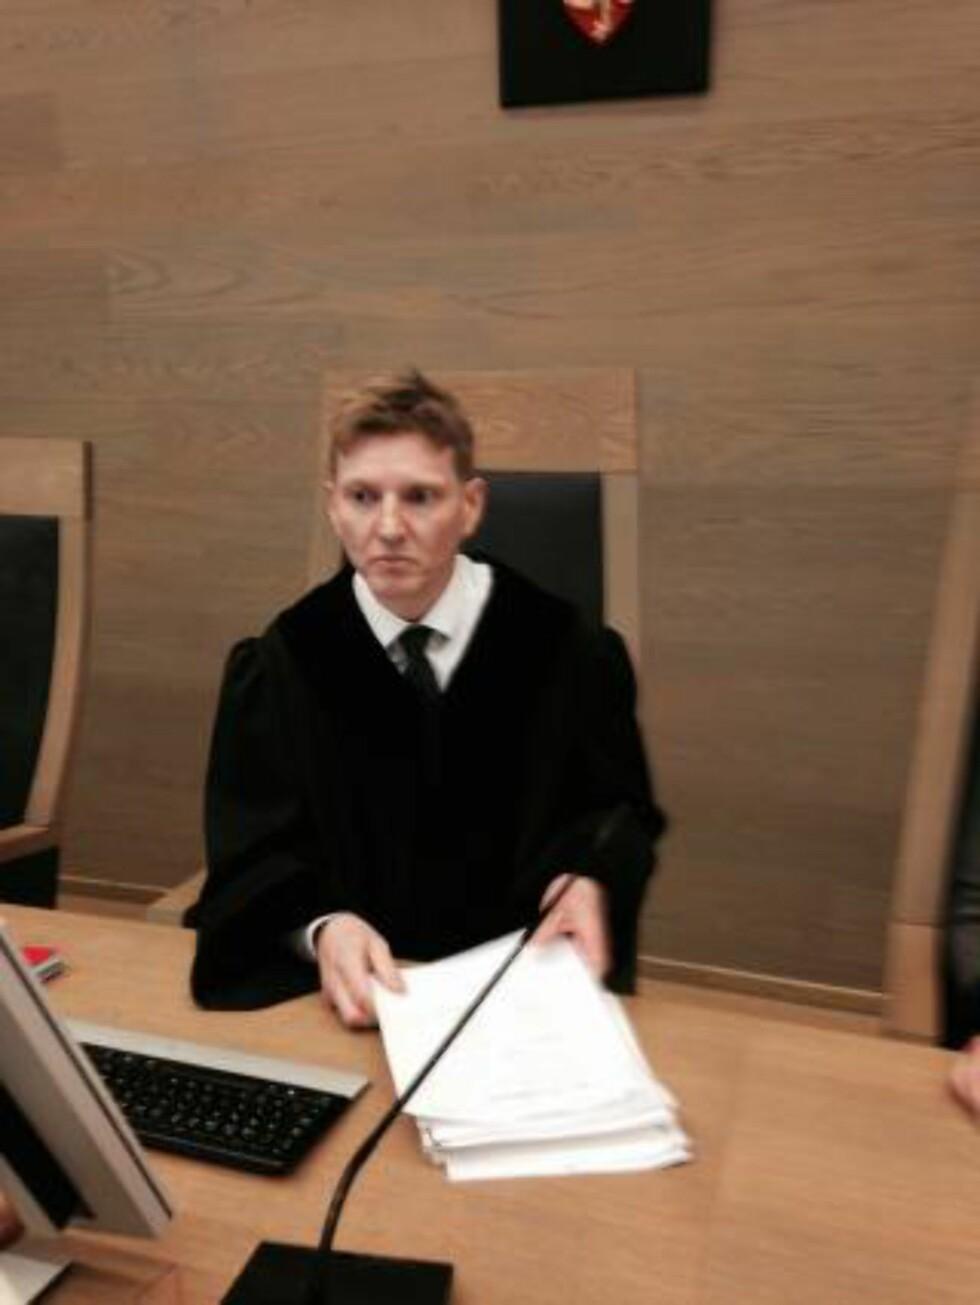 DOMMER:  Tingrettsdommer Ola Rambjør Eide administrerer den tre uke lange overgrepssaken i Gjøvik tingrett. FOTO: ØYSTEIN ANDERSEN/DAGBLADET.